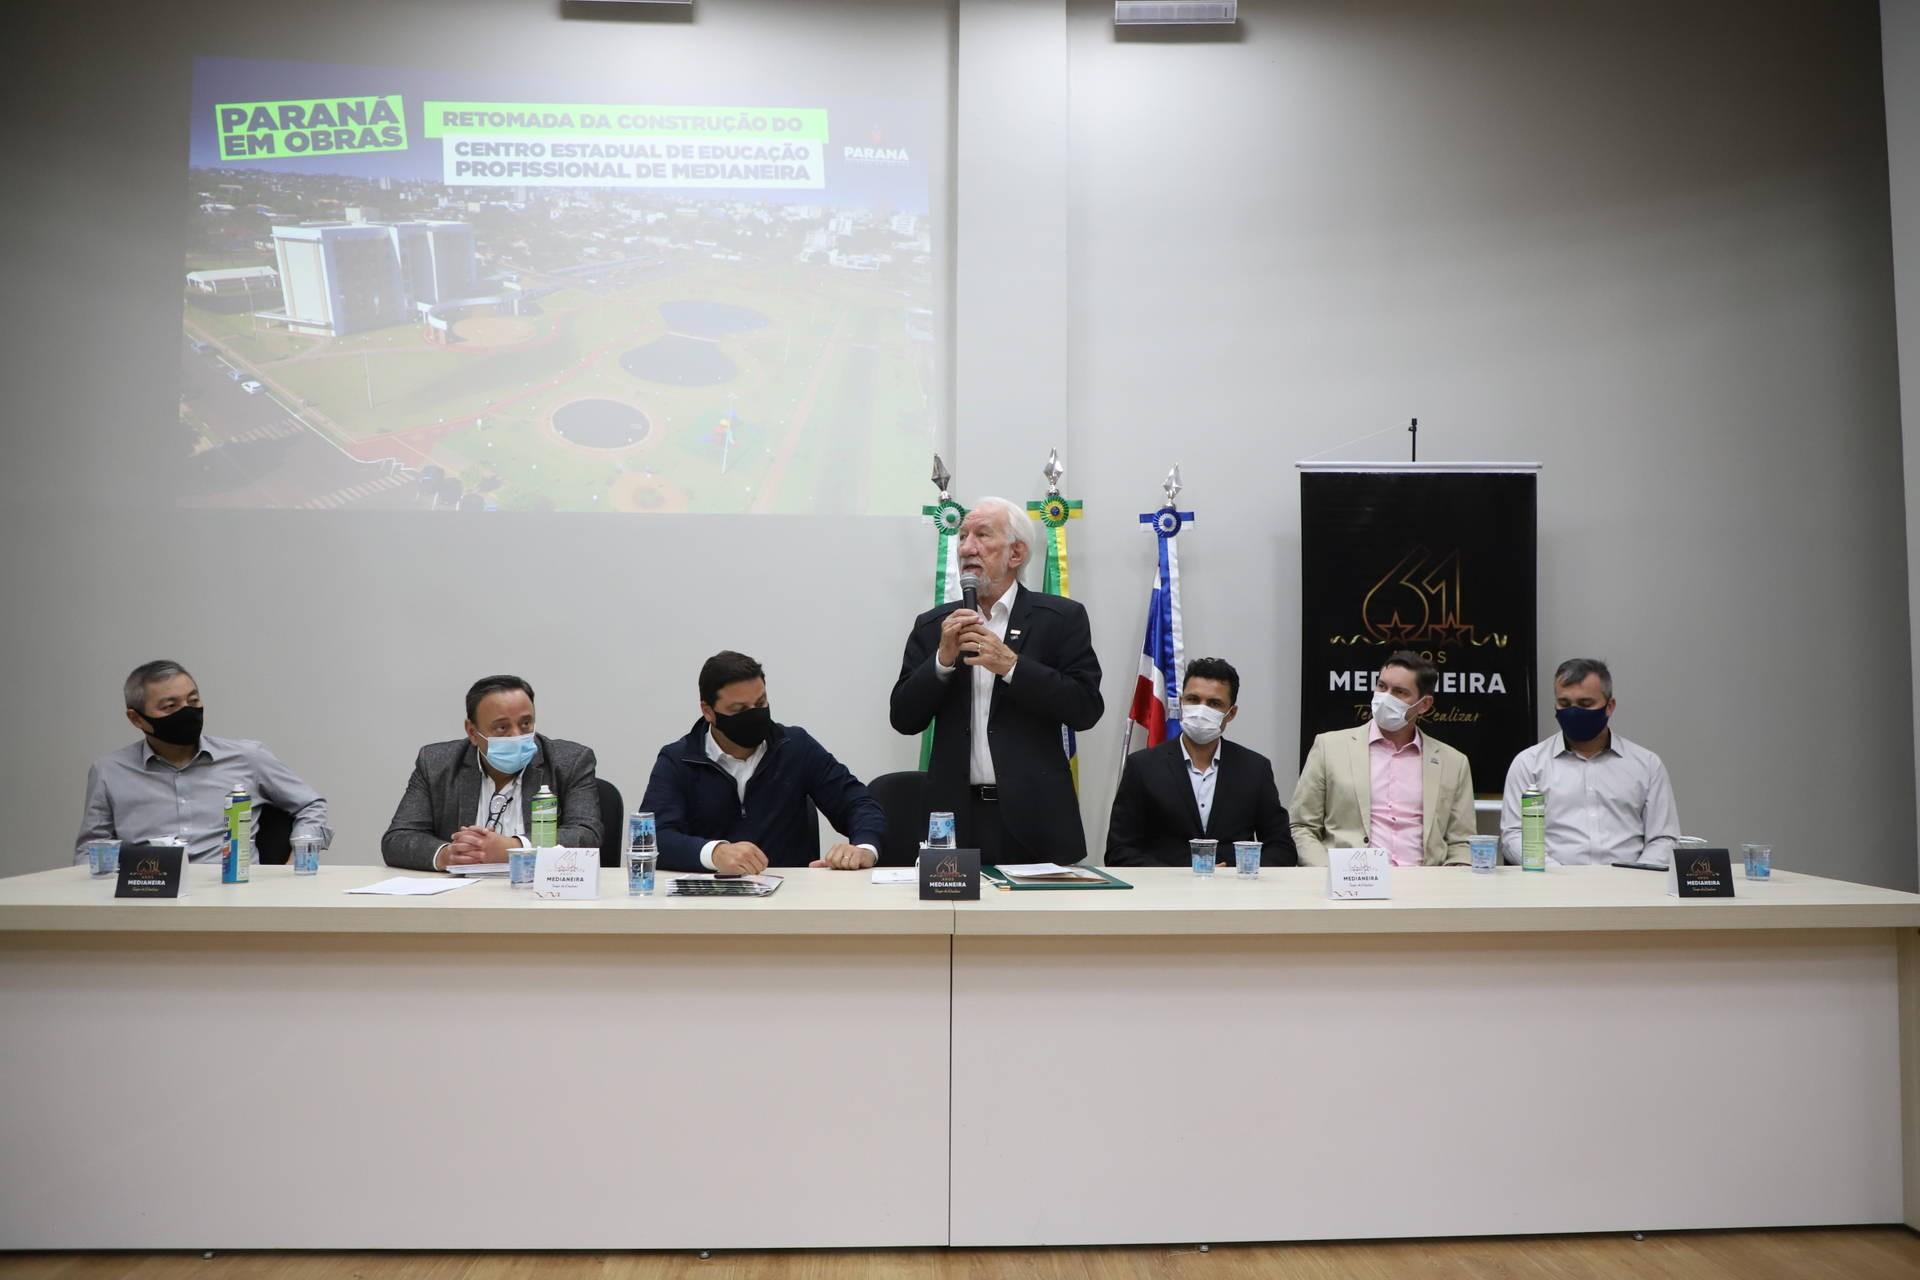 No aniversário de Medianeira, Estado anuncia retomada de obra do Centro de Educação Profissional